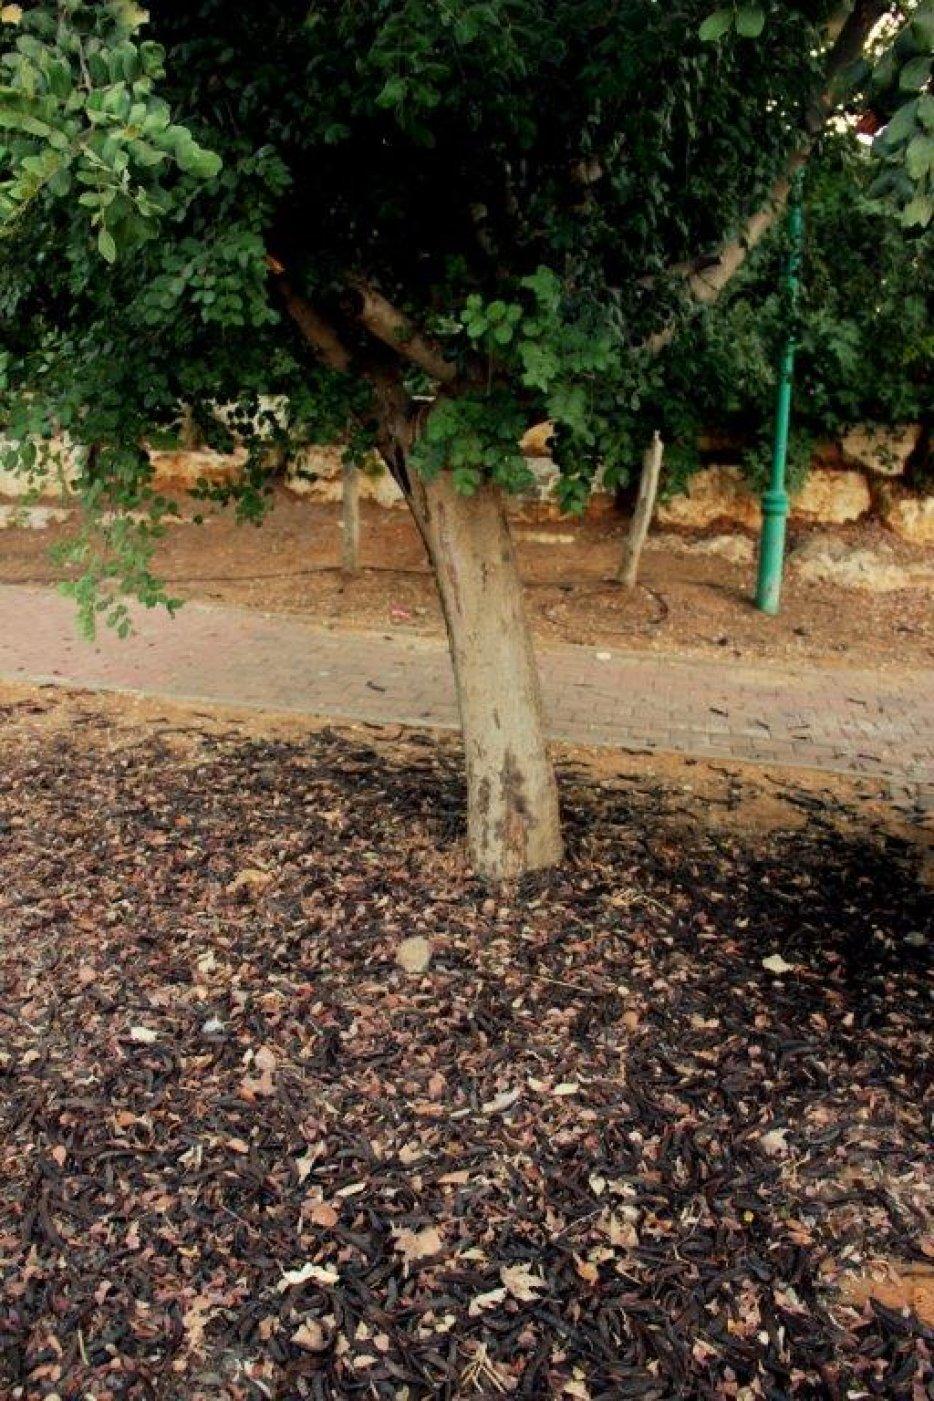 חרובים רבים נשרו ונערמו ליד העץ